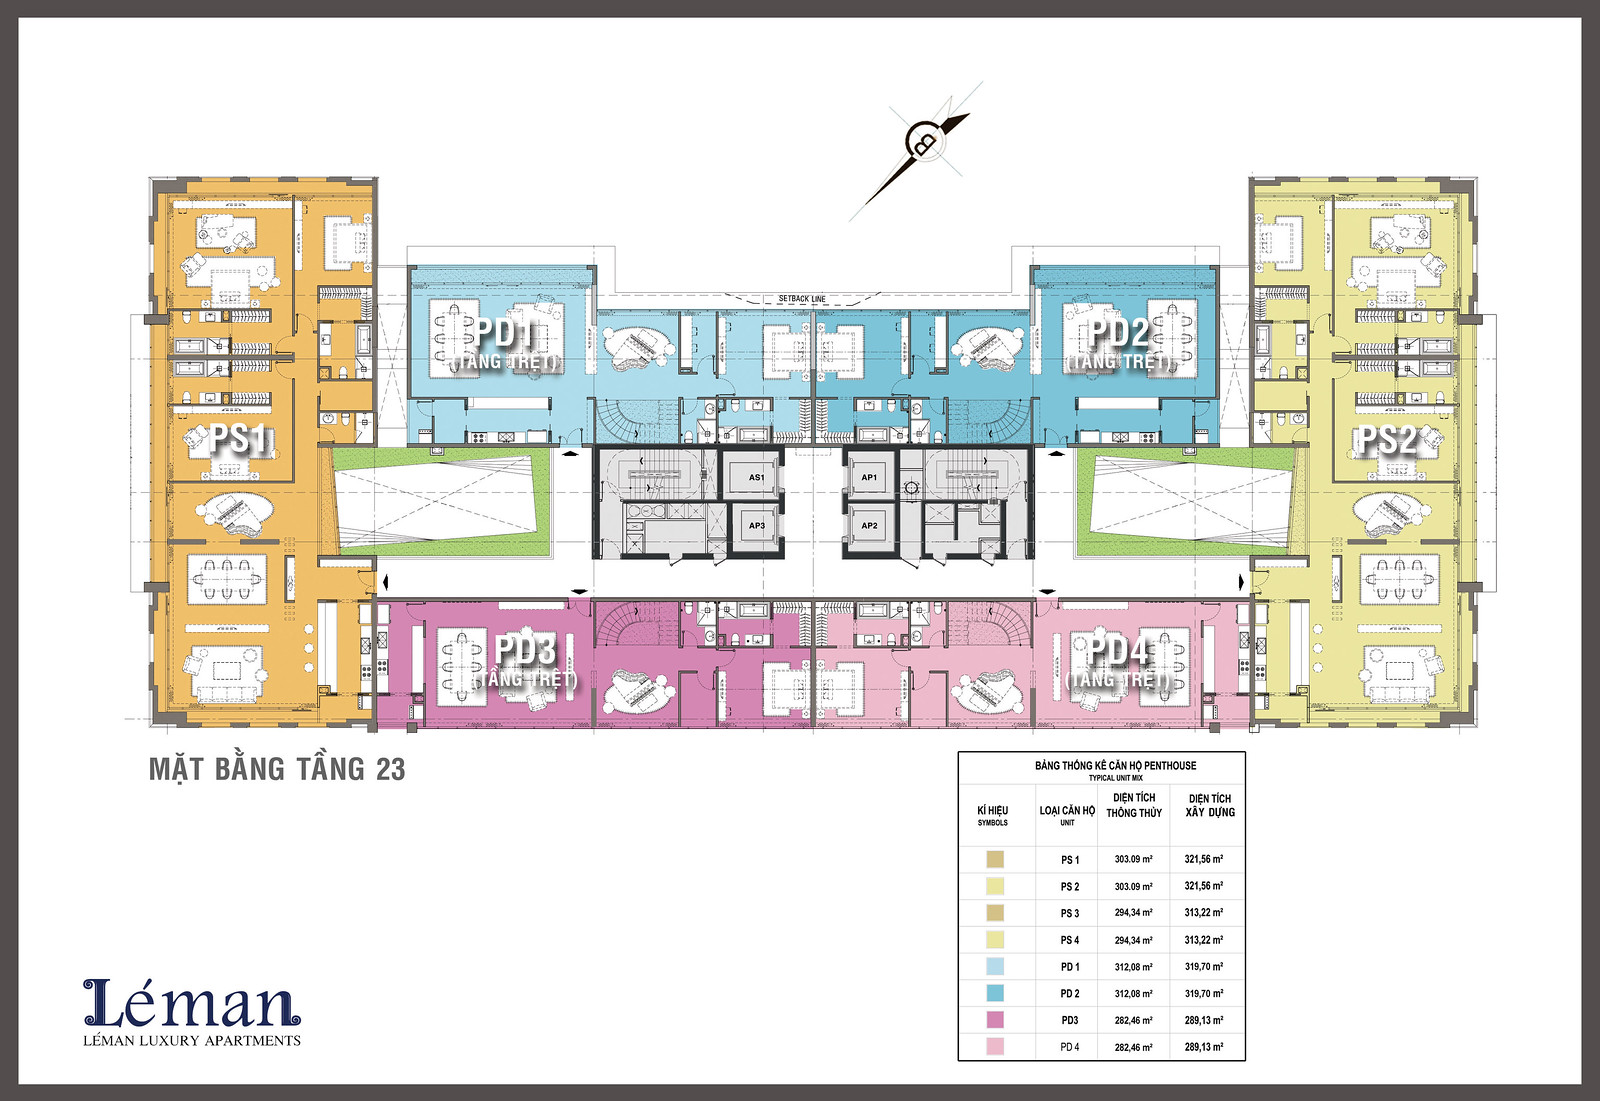 Mặt bằng tầng 23: Duplex và Penthouse